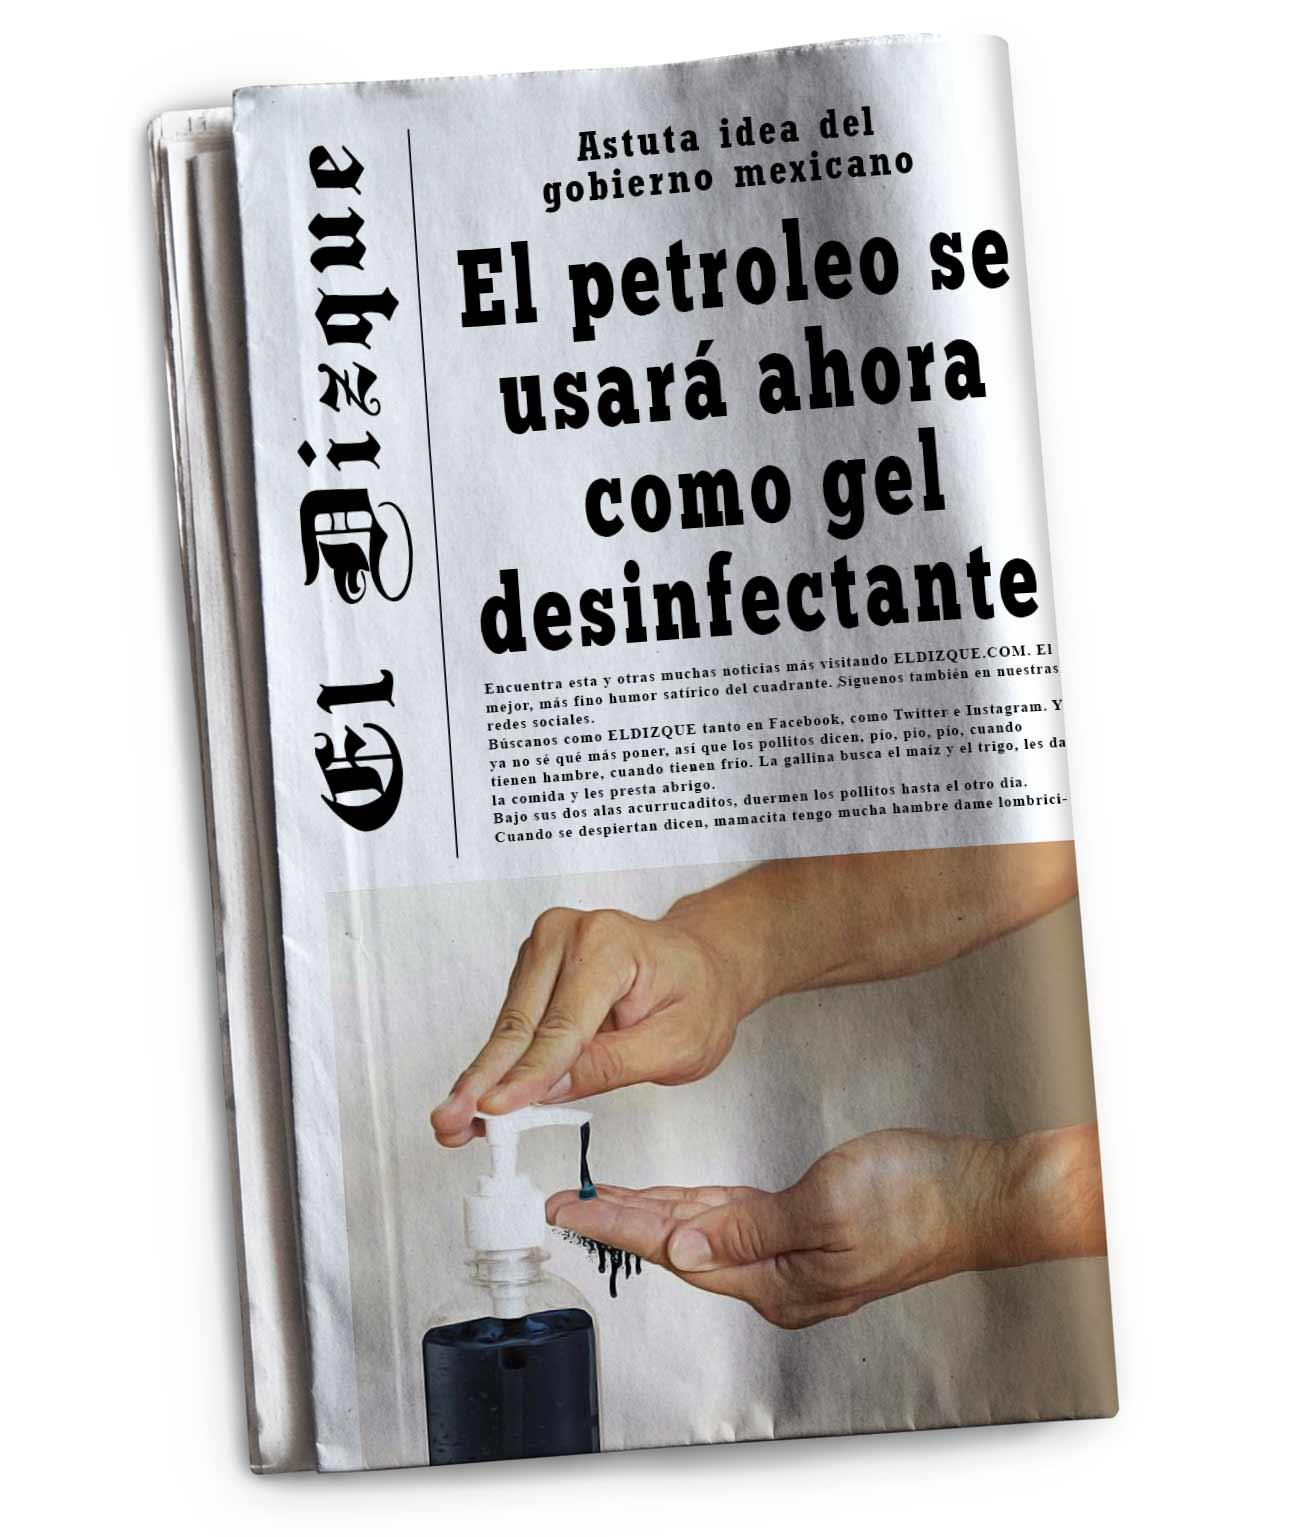 El petróleo se usará ahora como gel desinfectante